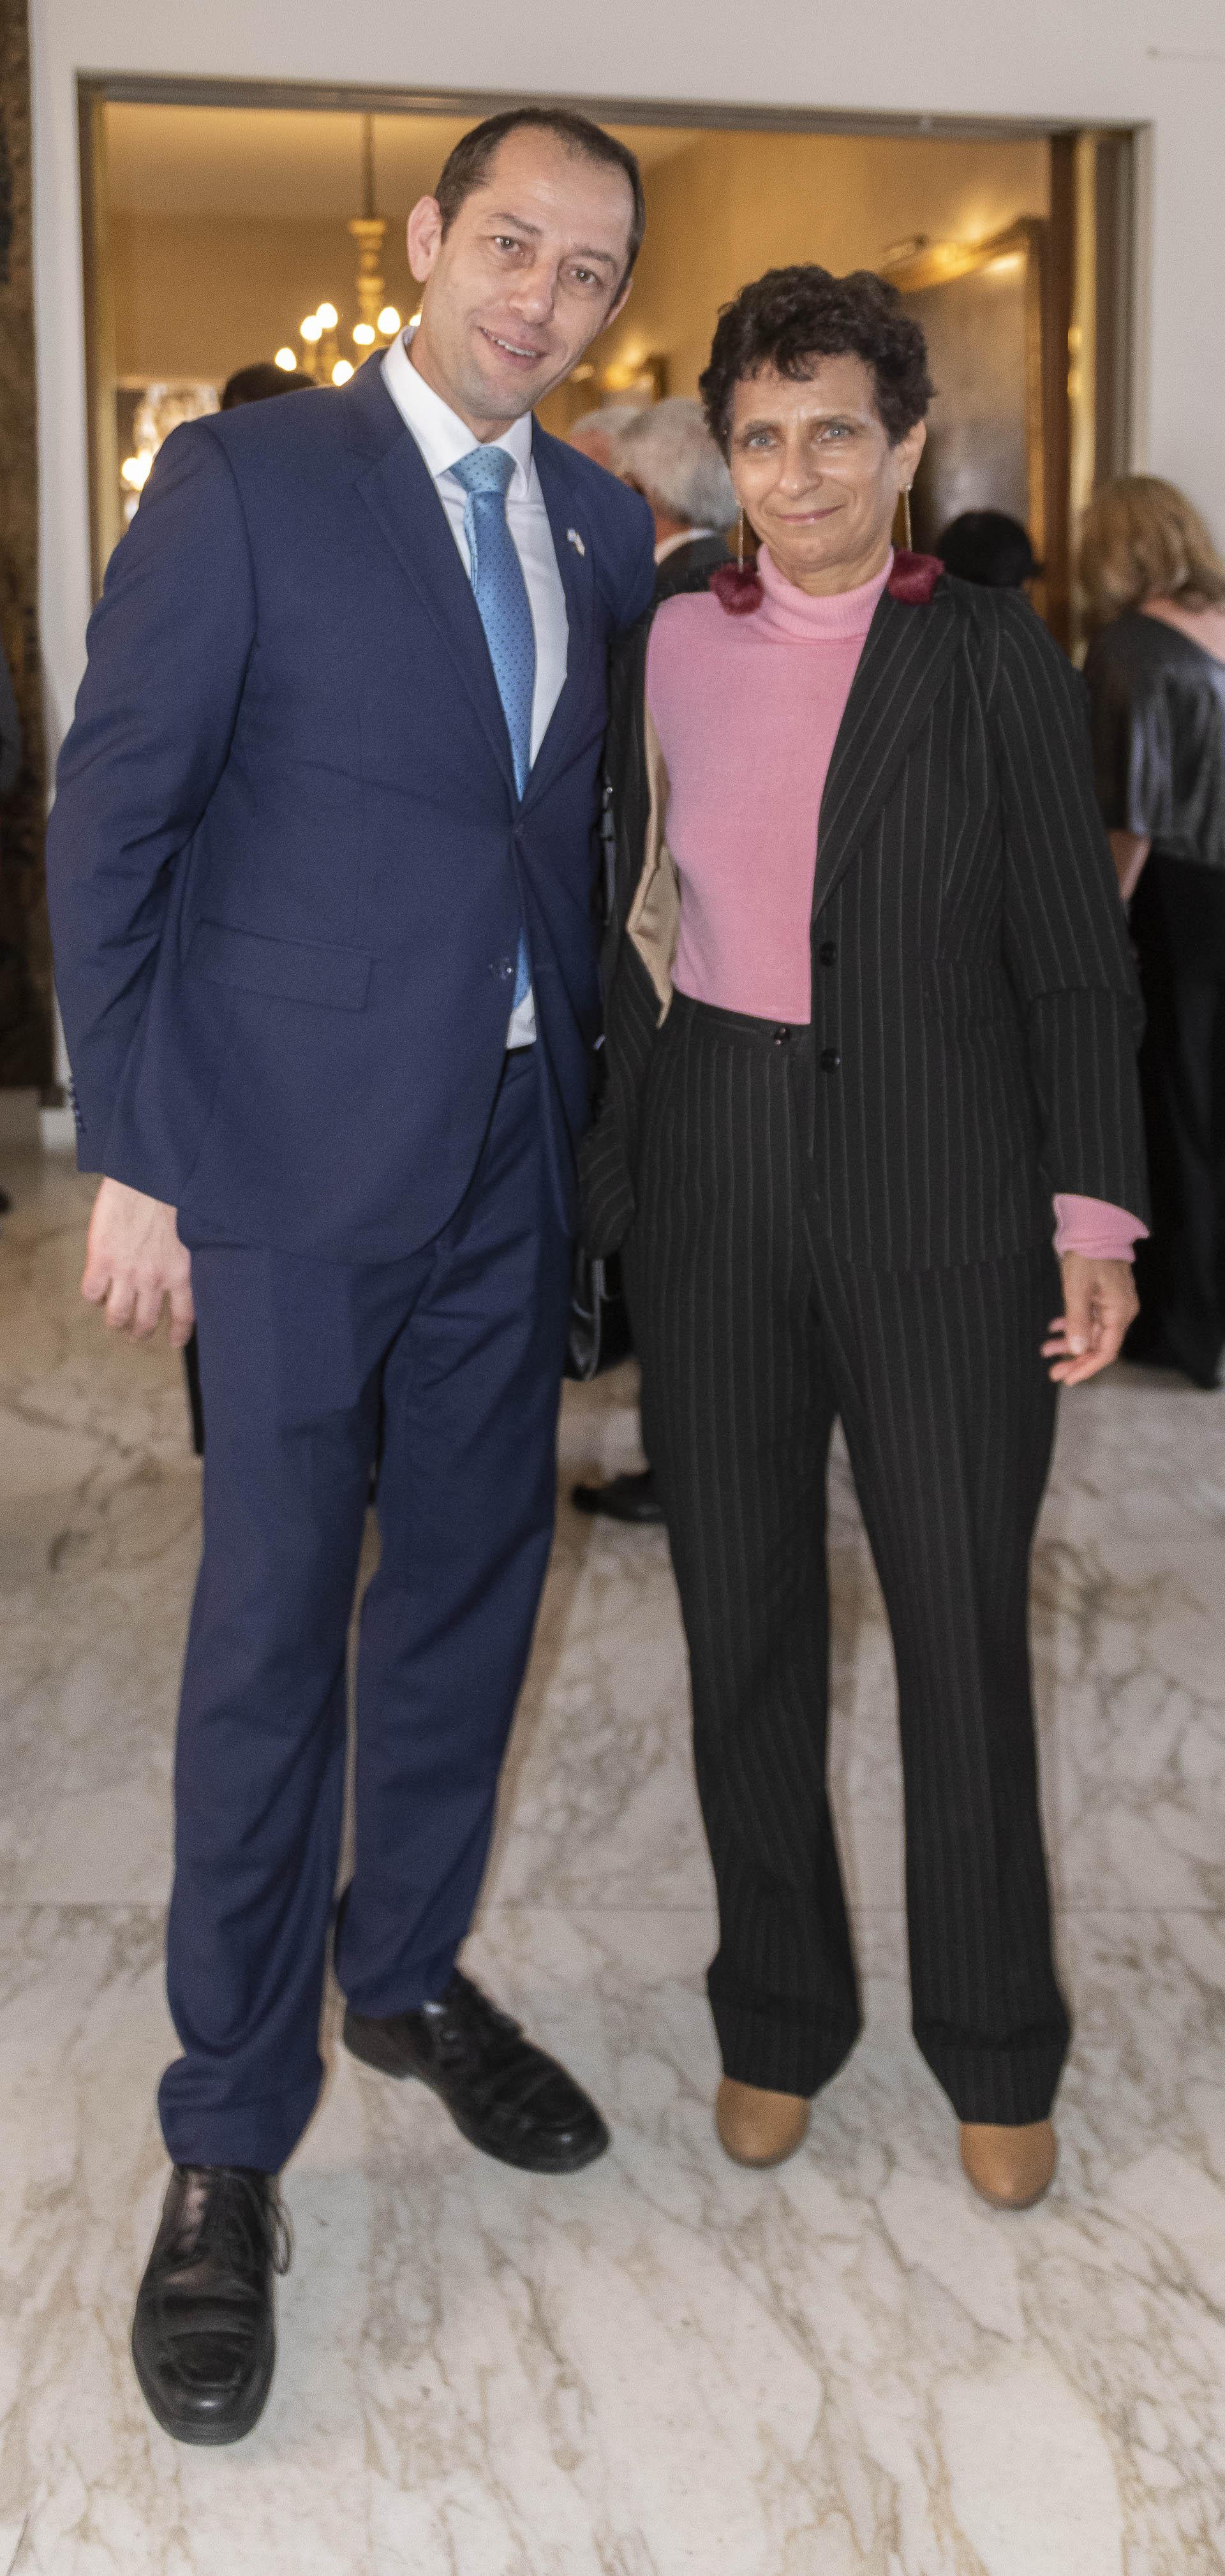 El ministro Consejero de la Embajada de Israel Ronen Krausz y la nueva embajadora de Israel en Argentina Galit Ronen